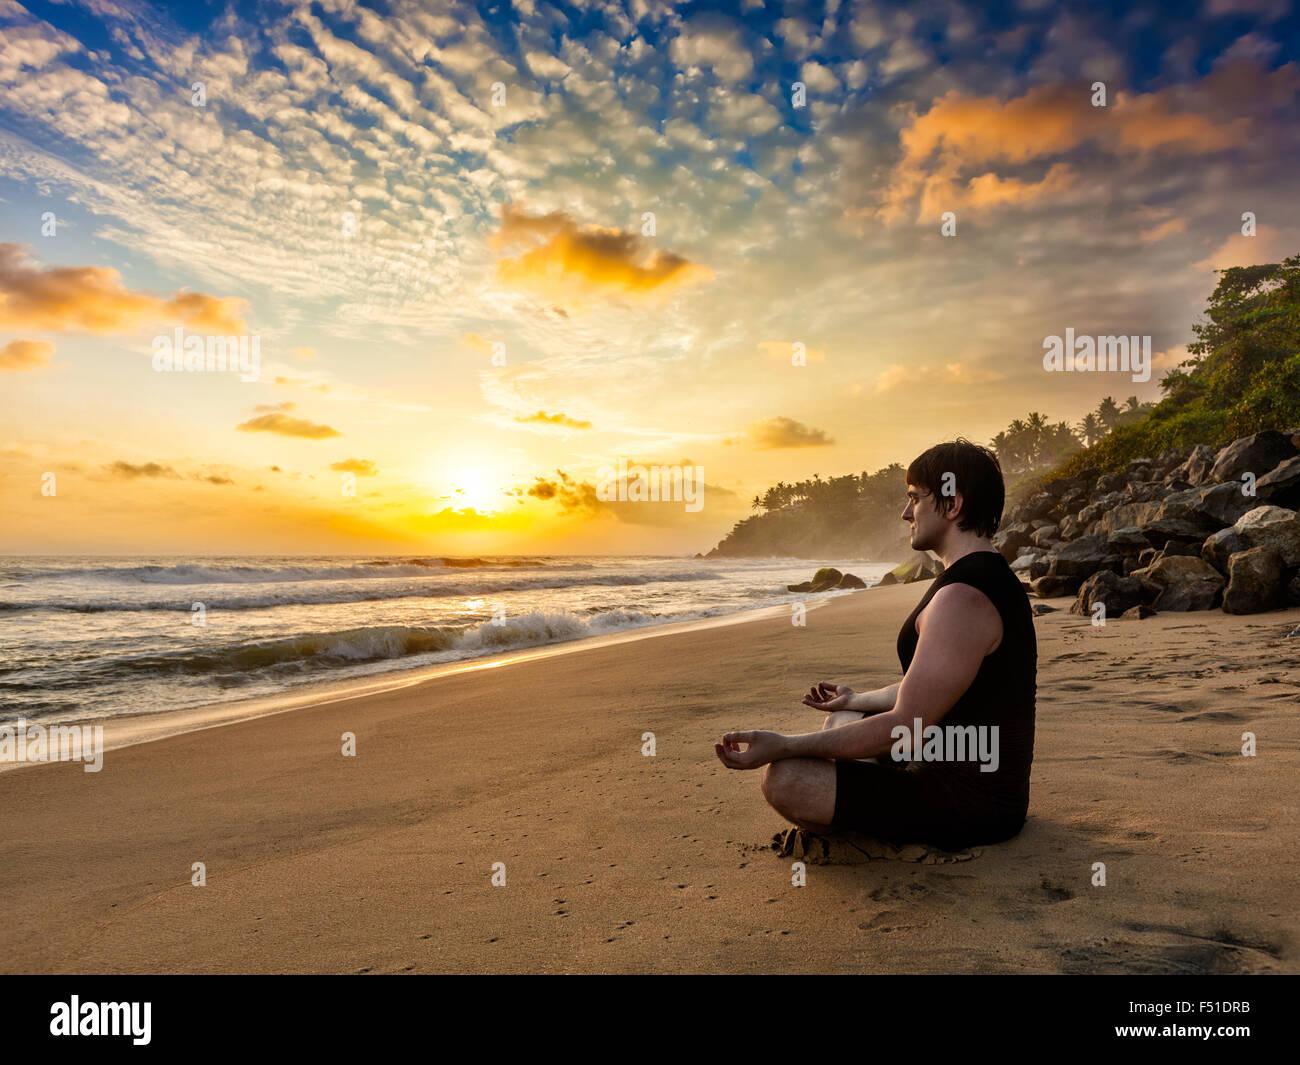 Colocar joven hombre hacer yoga meditación sobre tropical beach Imagen De Stock